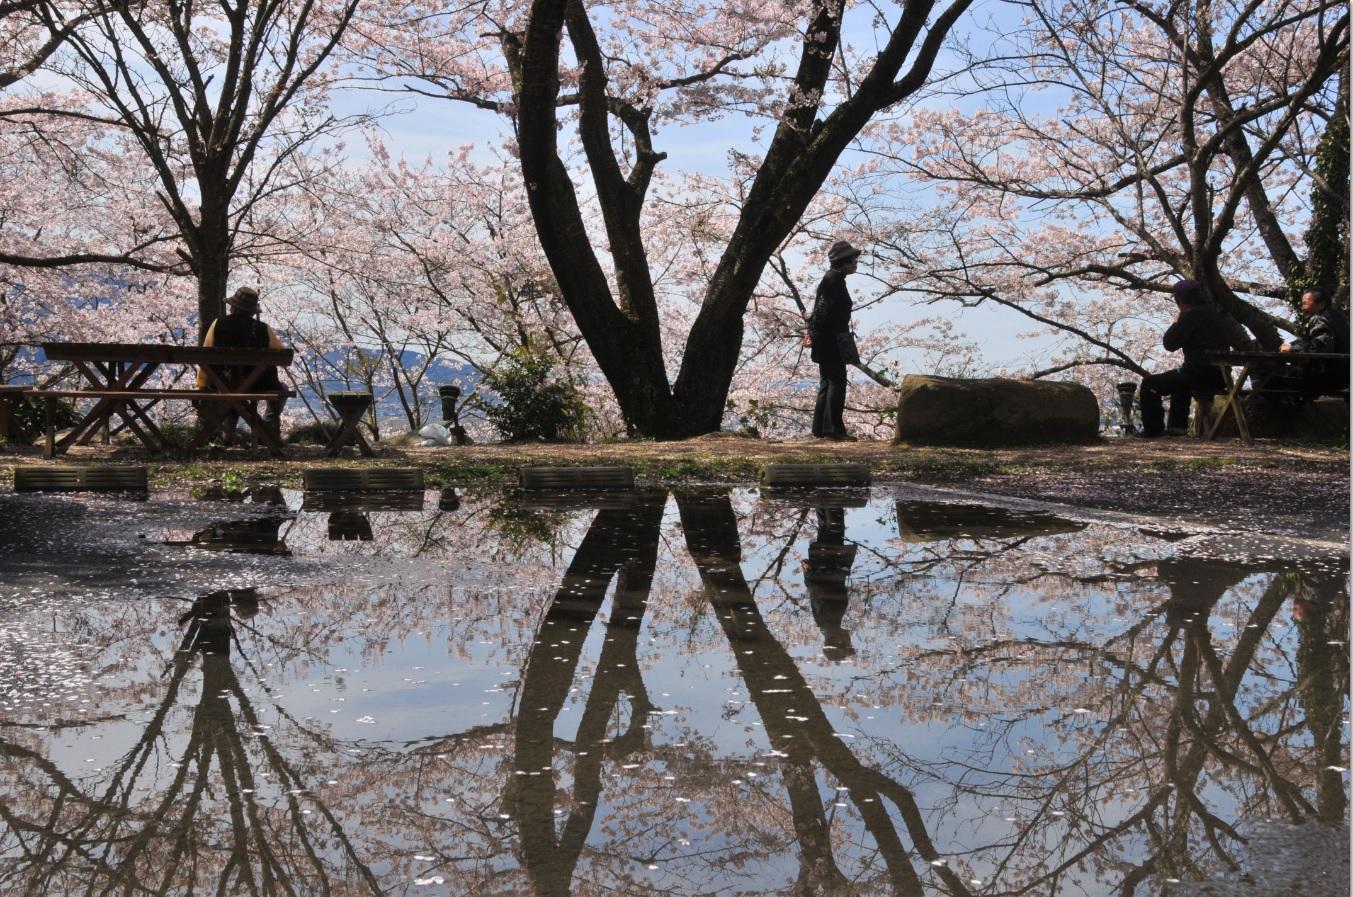 『春の桜川フォトコンテスト 特別賞 雨後の雨引山 雨引観音』の画像